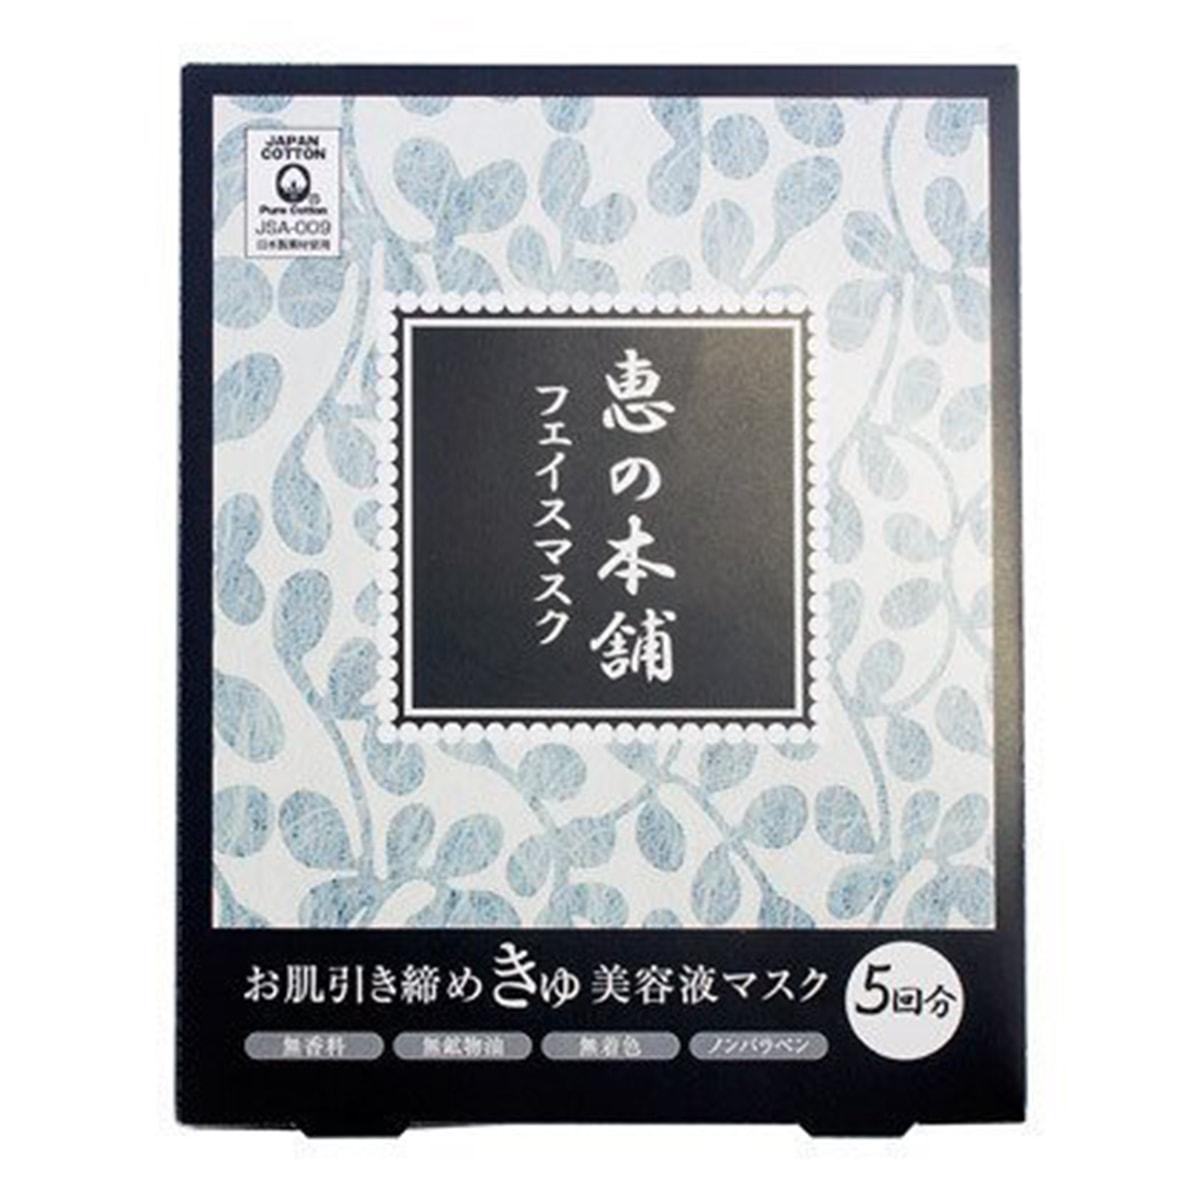 [日本直邮]惠之本铺 毛孔修复补水 5片装 怎么样 - 亚米网